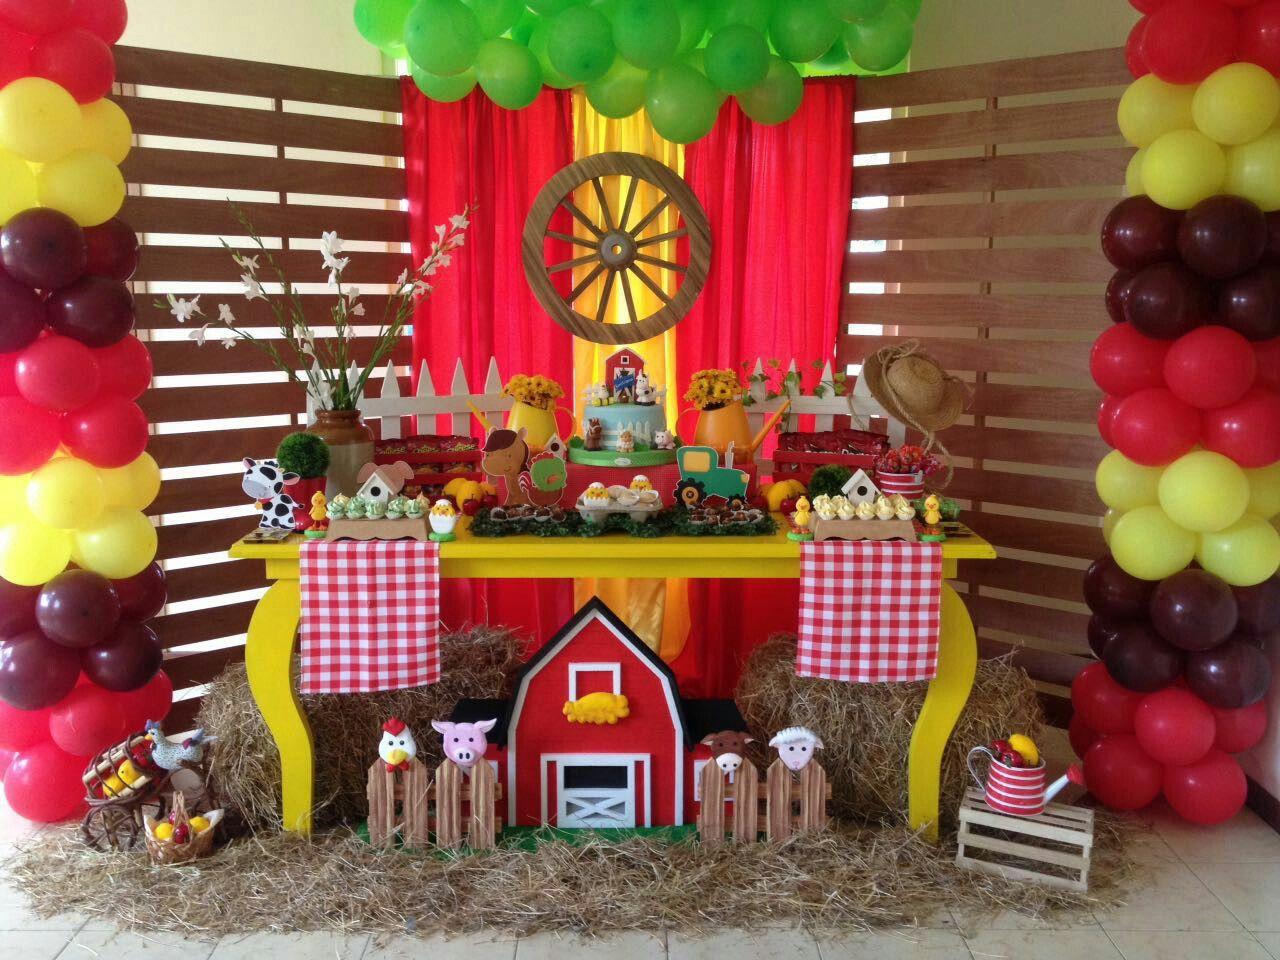 Fiesta Granja Mis Decoraciones En Decopartyc Pinterest  # Muebles Bernardo Leon